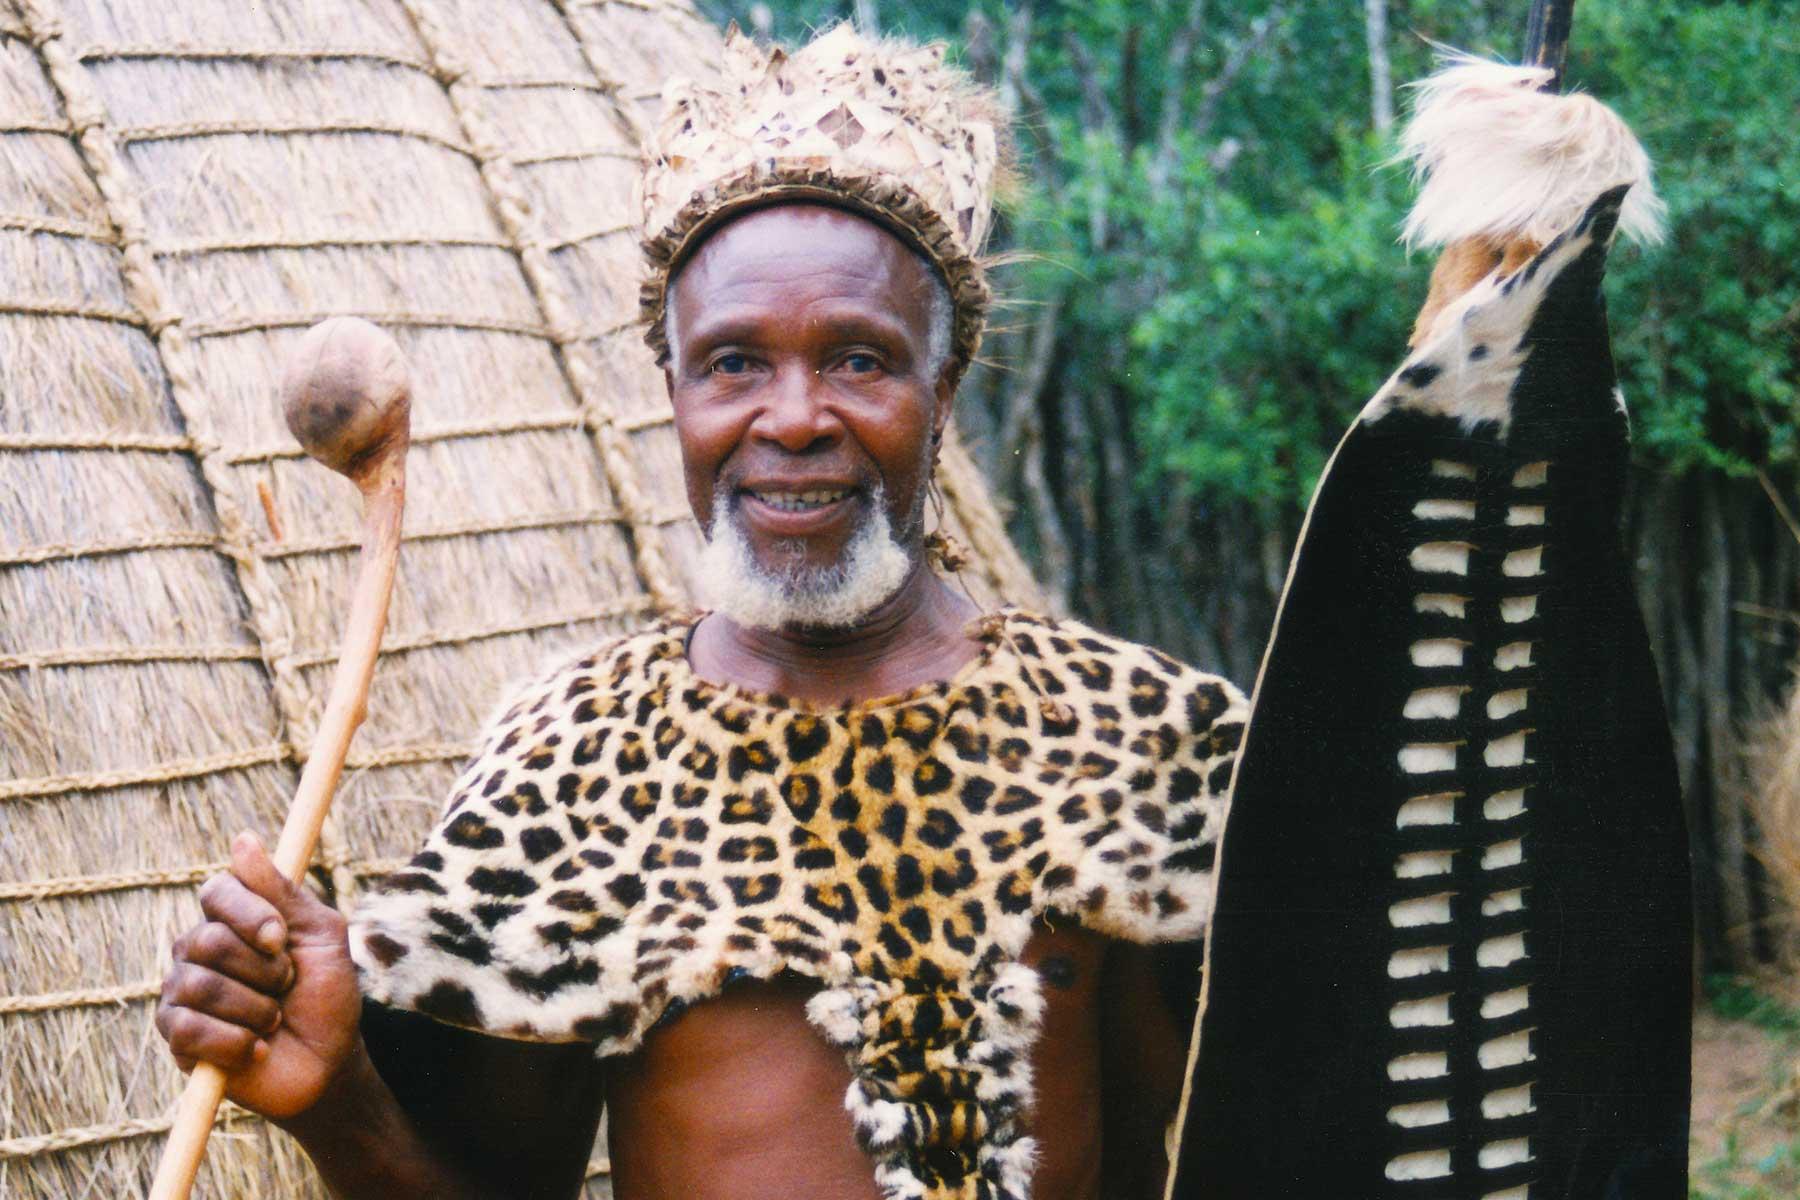 KwaZulu-Natal - Zulu Warrior - Steven Andrew Martin - South Africa Photo Journal